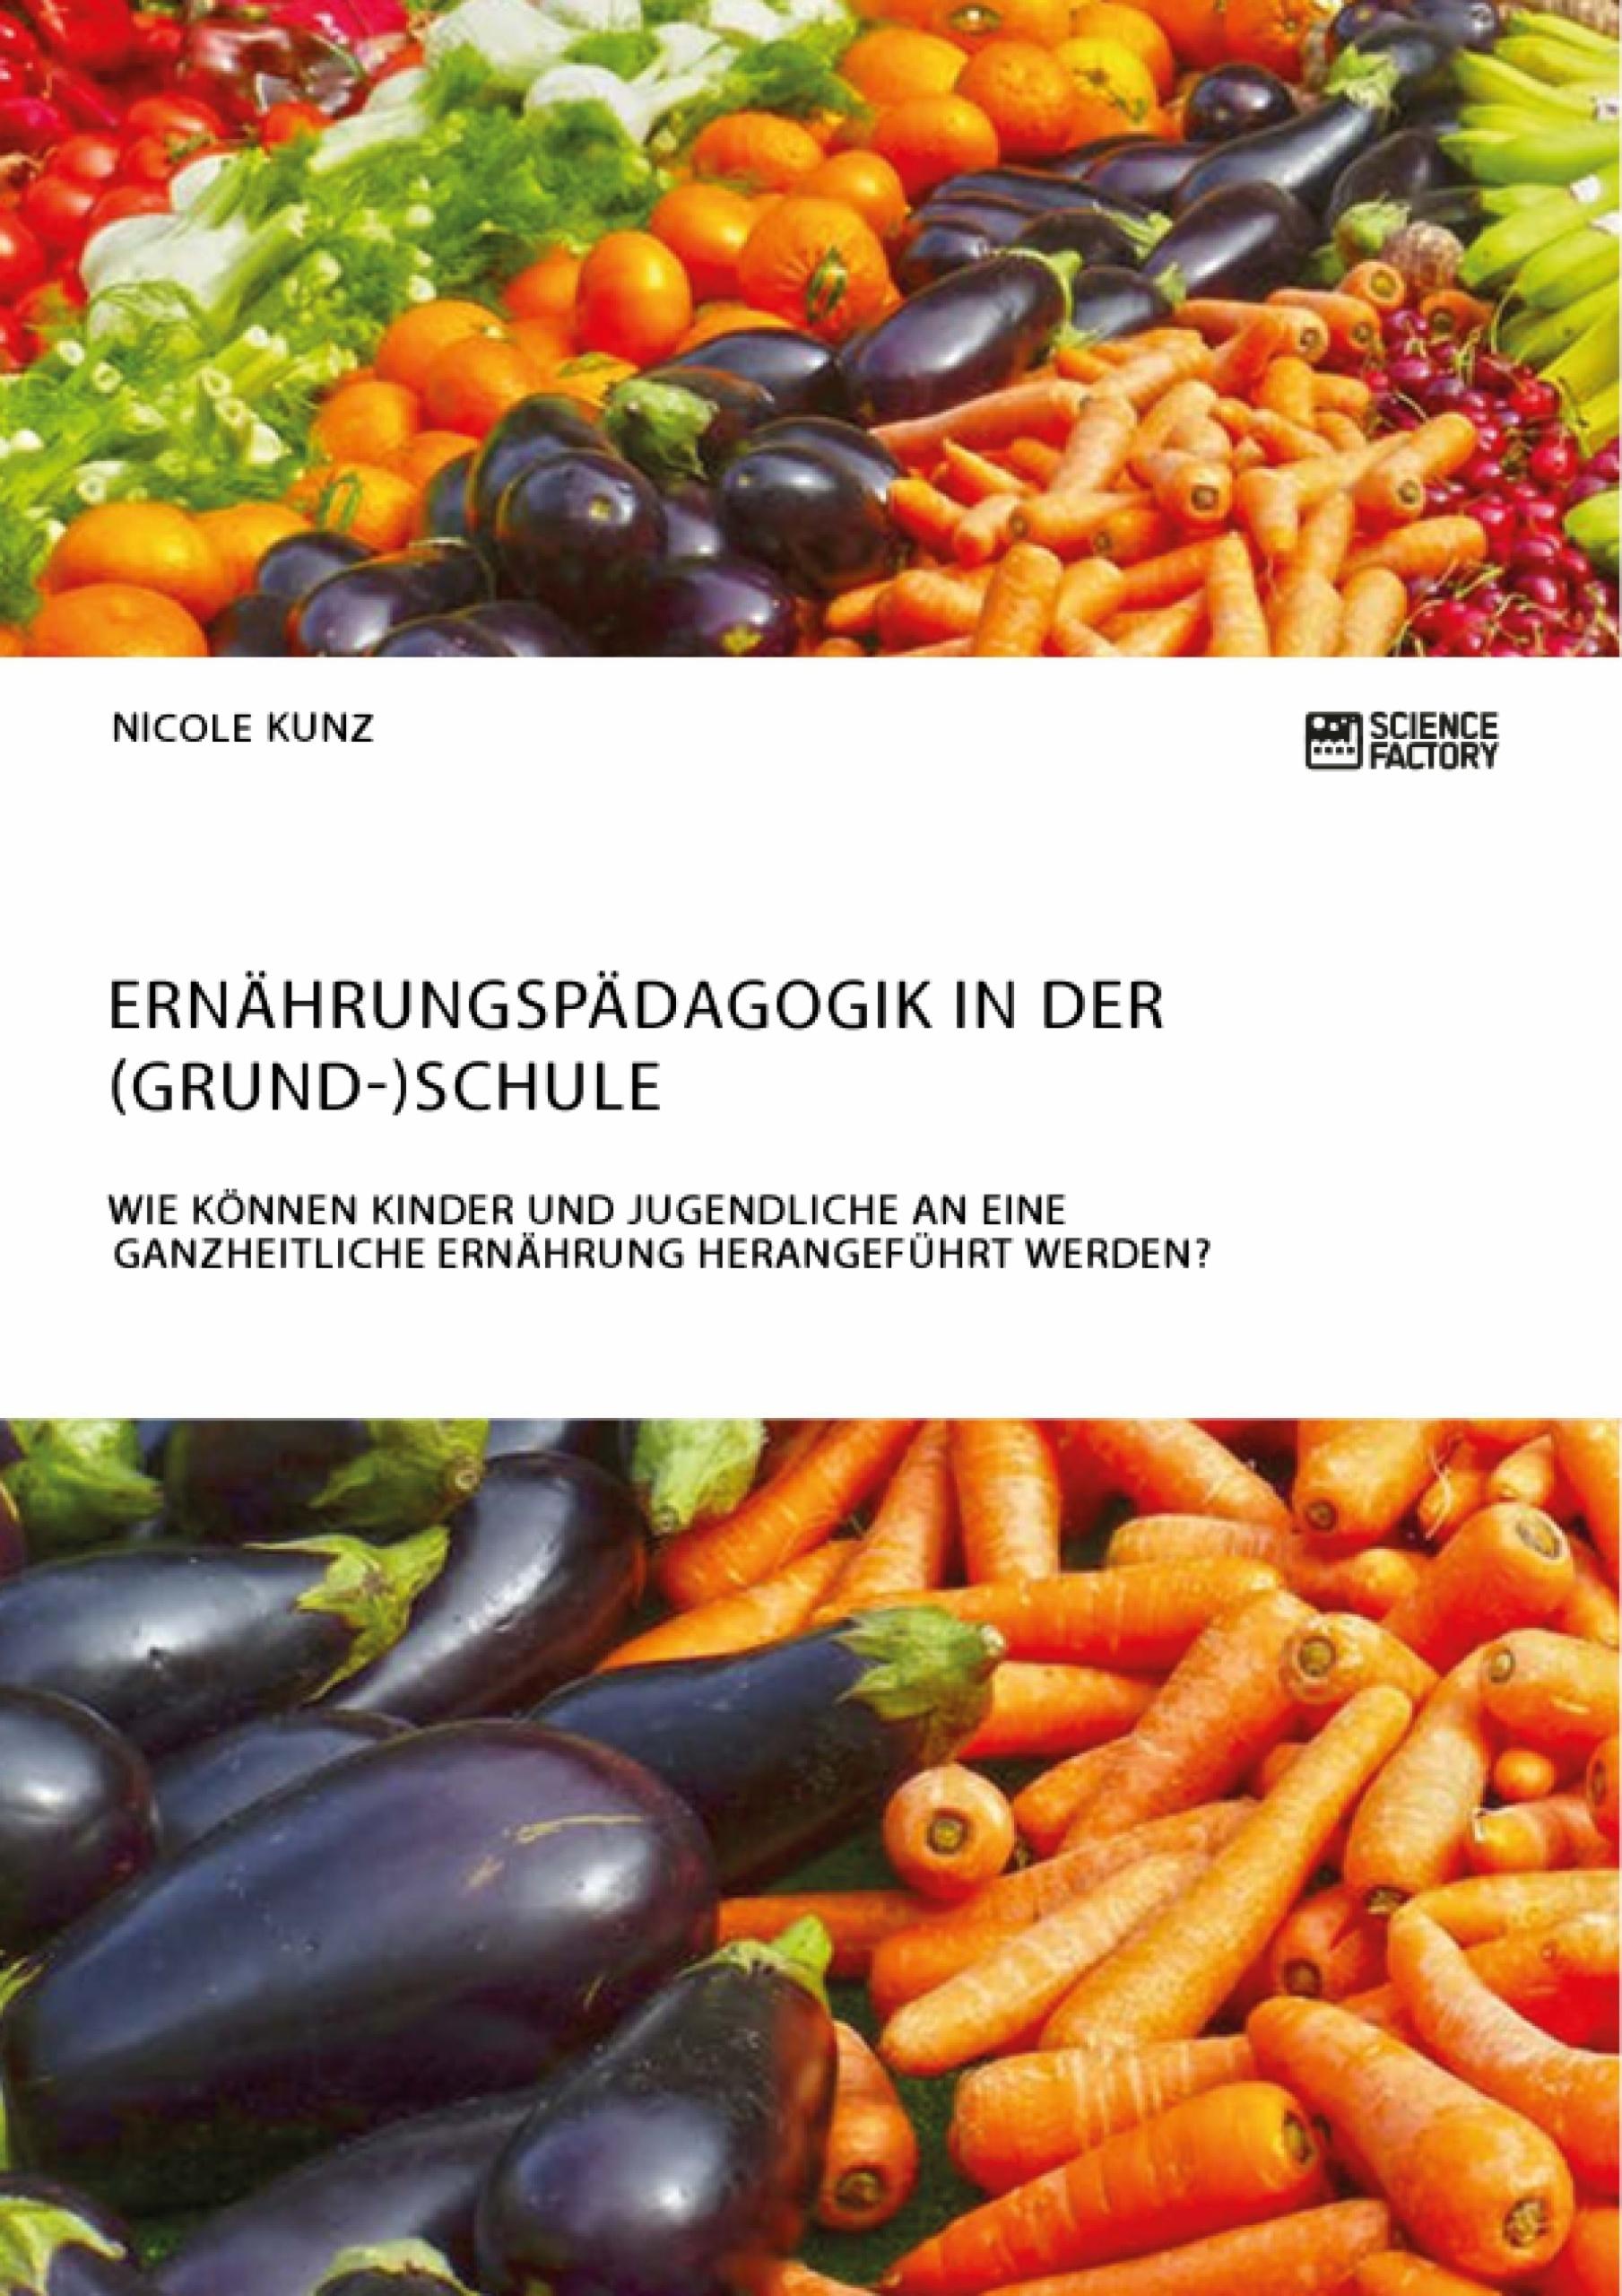 Titel: Ernährungspädagogik in der (Grund-)Schule. Wie können Kinder und Jugendliche an eine ganzheitliche Ernährung herangeführt werden?